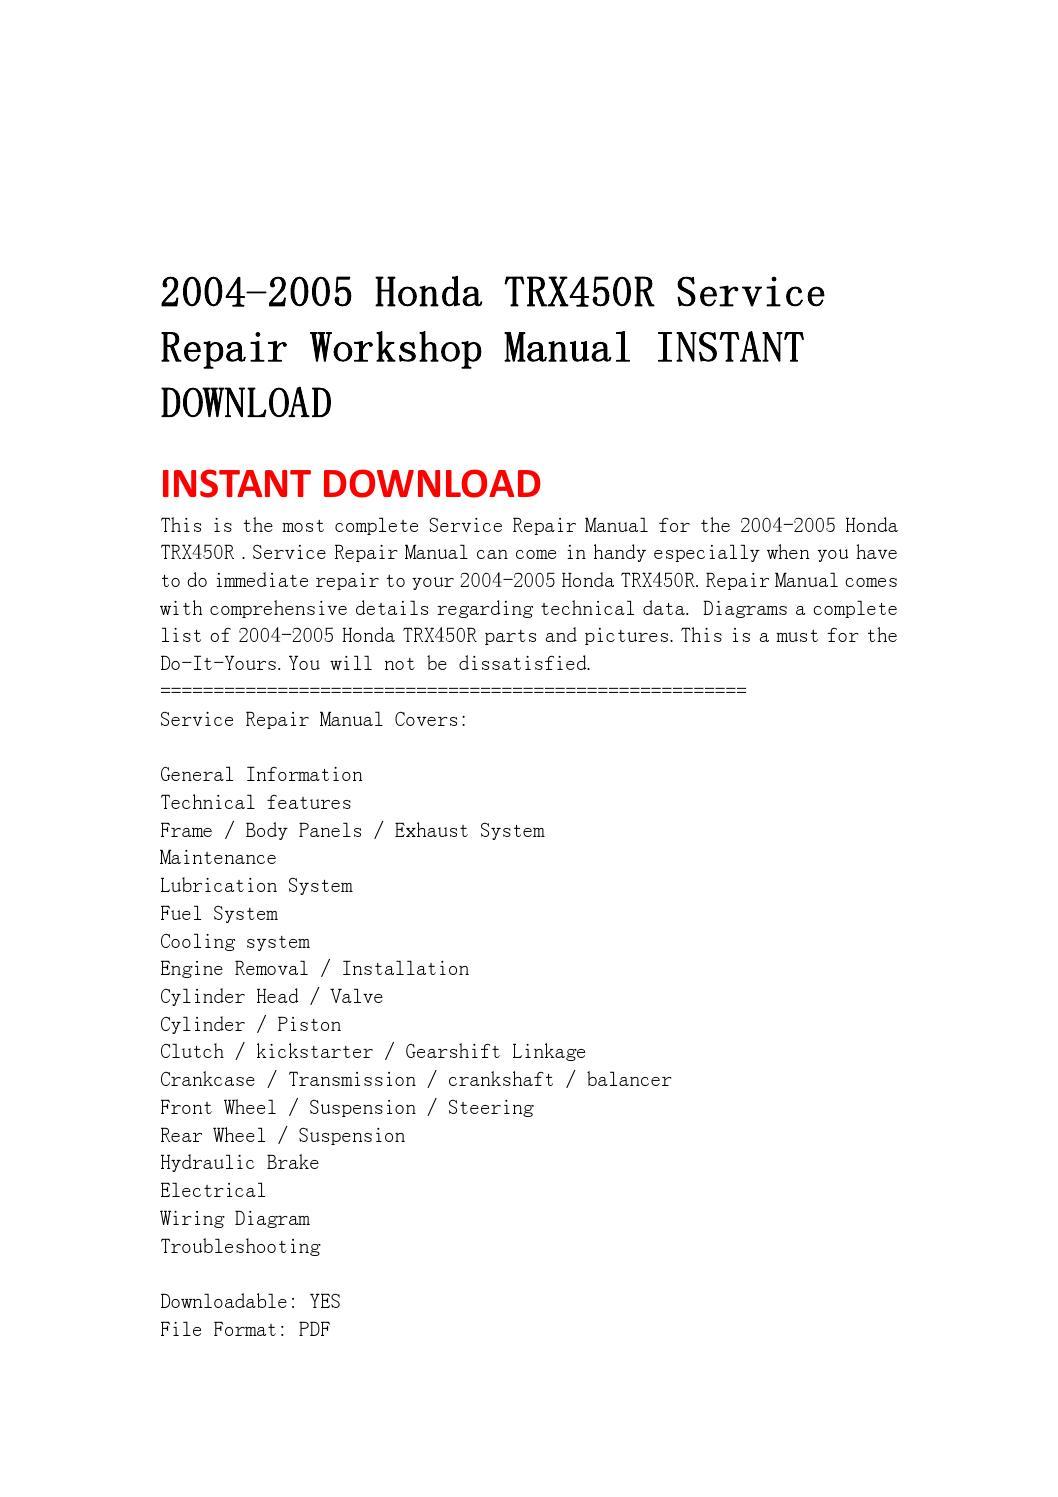 honda trx450r service repair manual 2004 2005 pdf download autos post honda trx450r service manual pdf honda 450 r service manual pdf